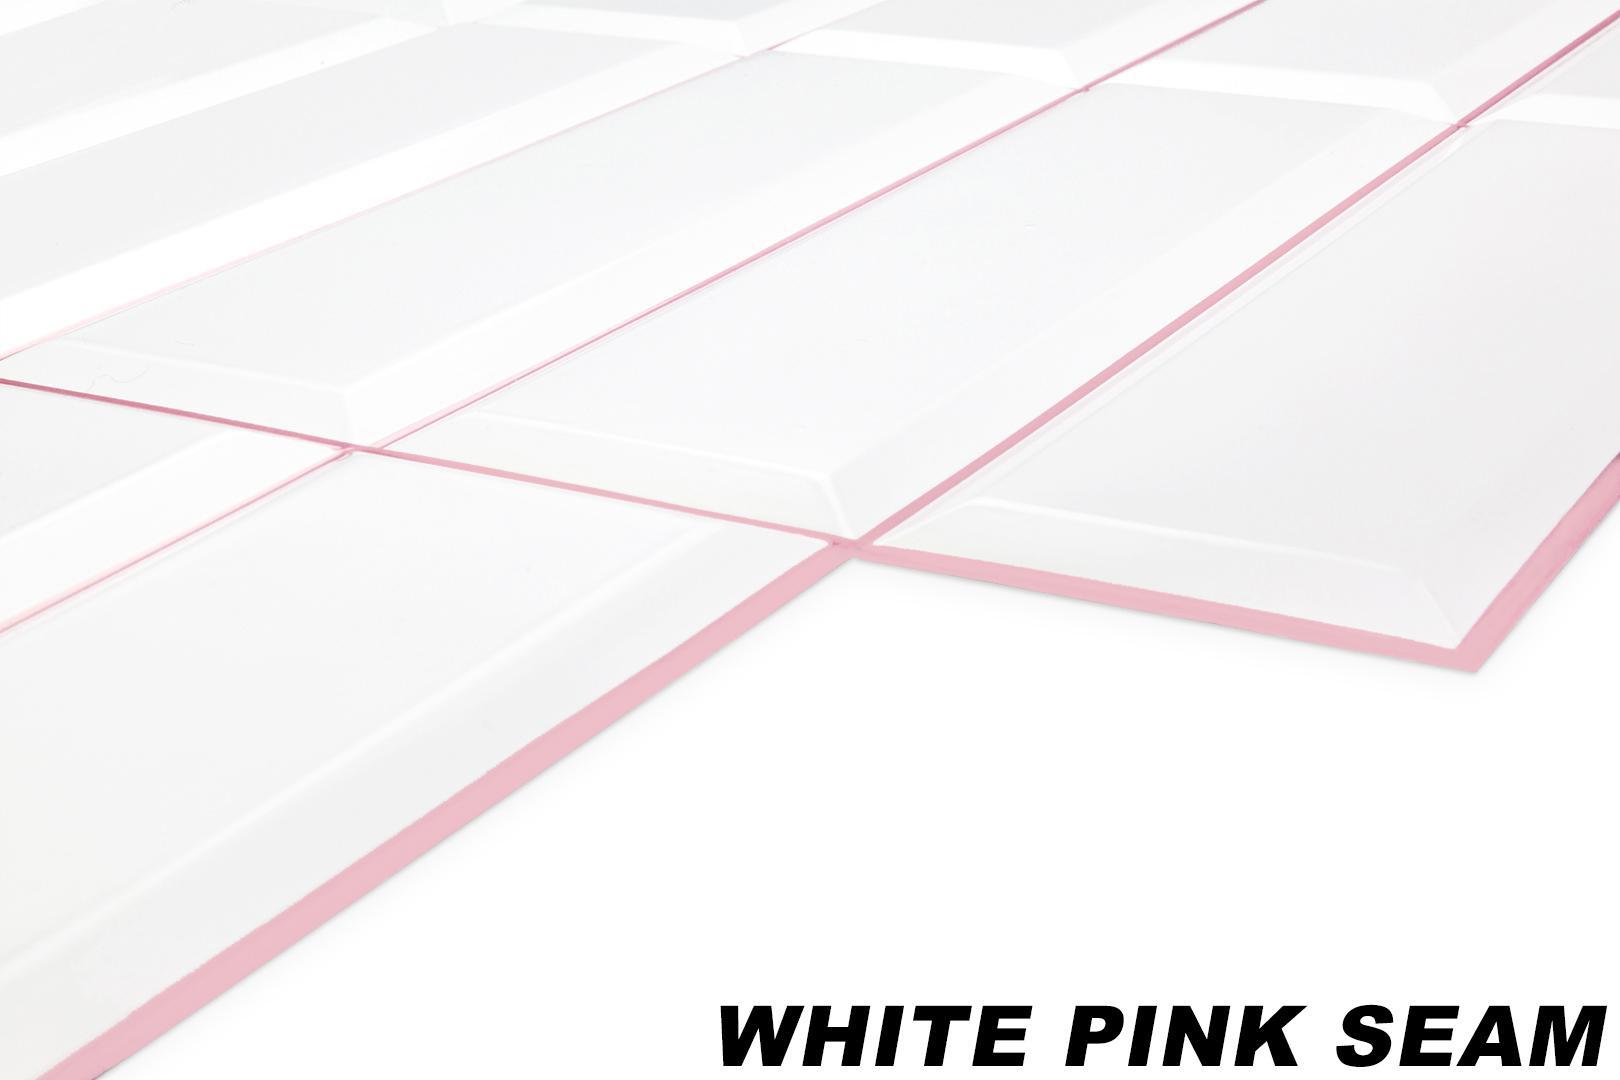 White pink seam originalbild 1431